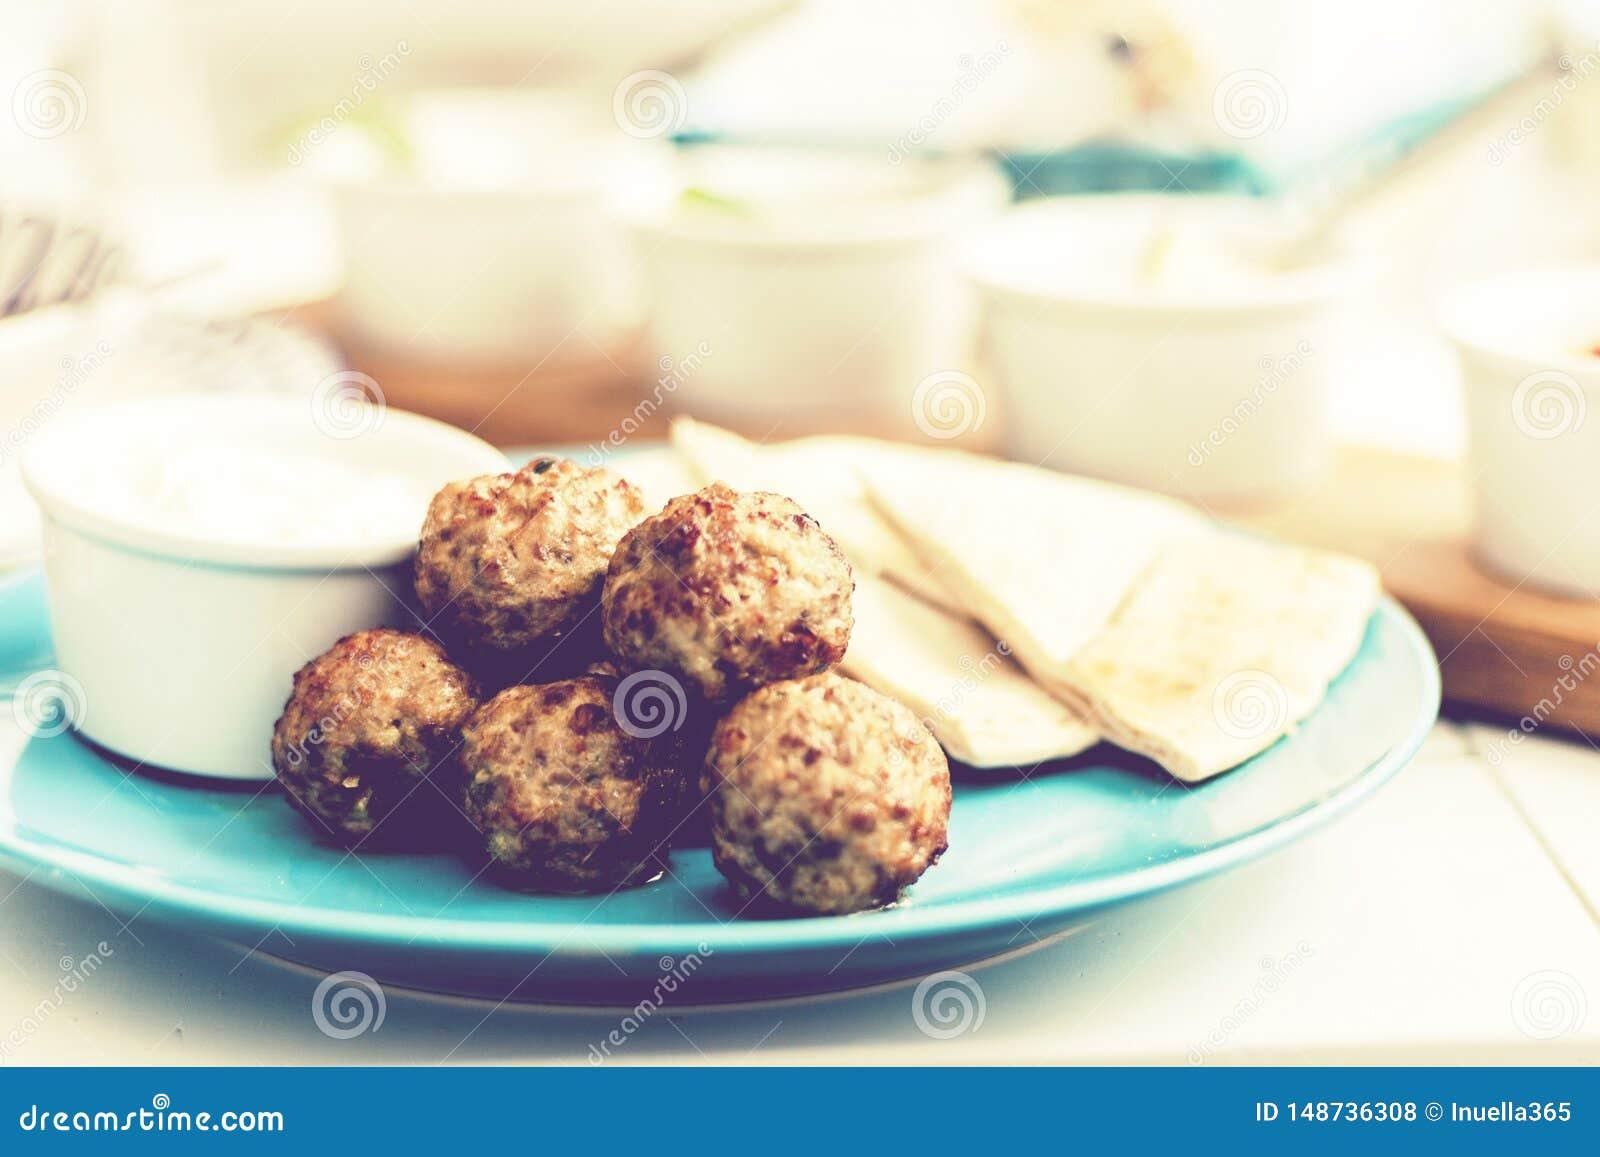 Carne triturada fritada com molho e tortilhas, almo?o grego tradicional em uma placa azul em um restaurante